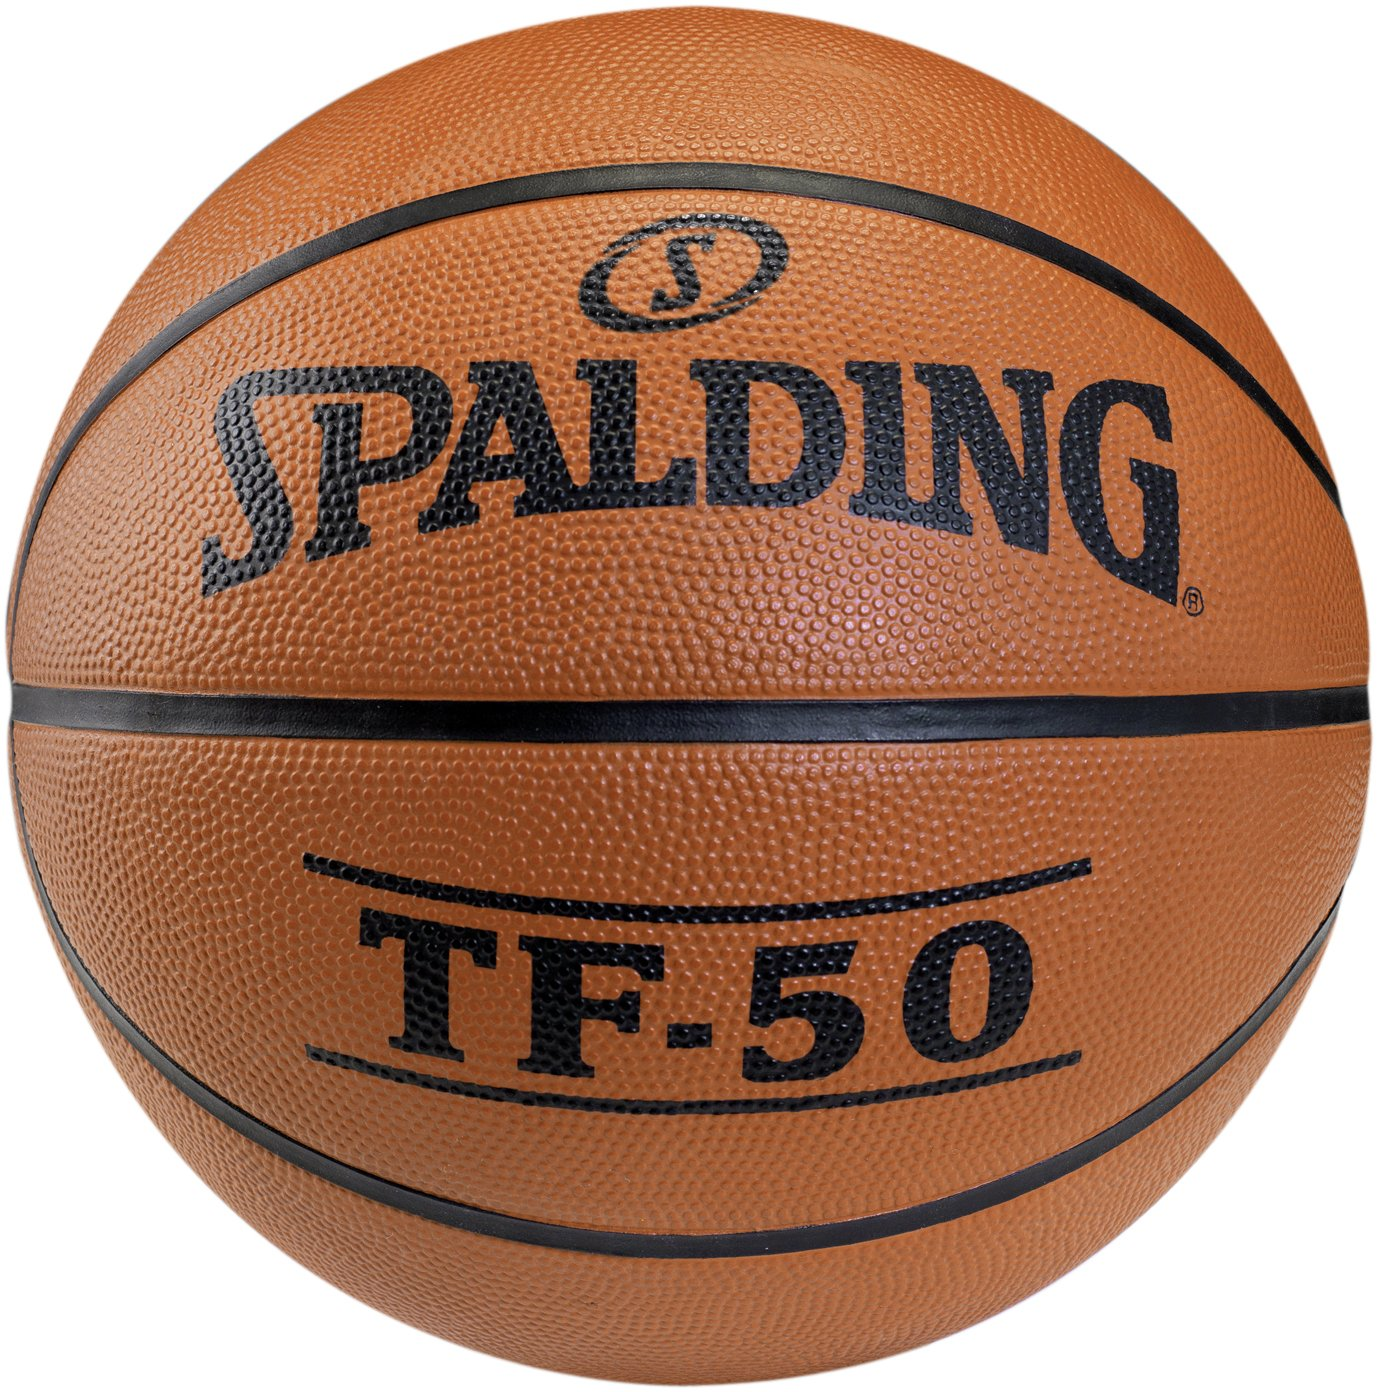 Spalding Spalding TF50 outdoor sz.5, (73-852Z) - NOCOLOR